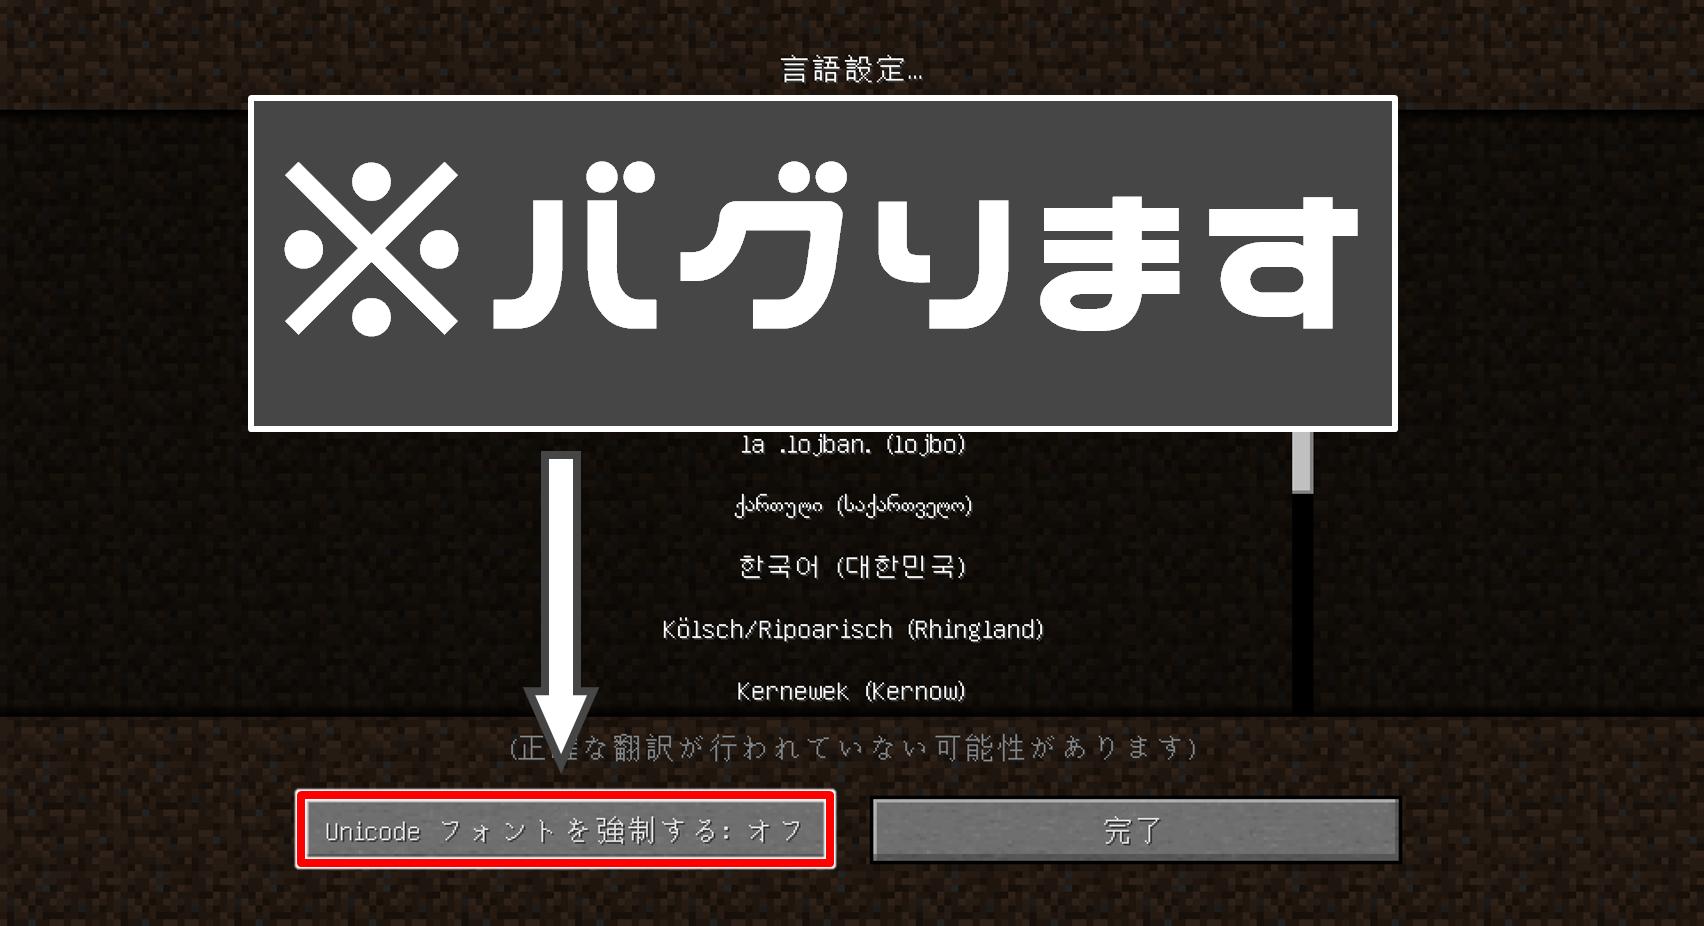 【マイクラ】表示を英語⇒日本語にする簡単な3ステップの方法 ...